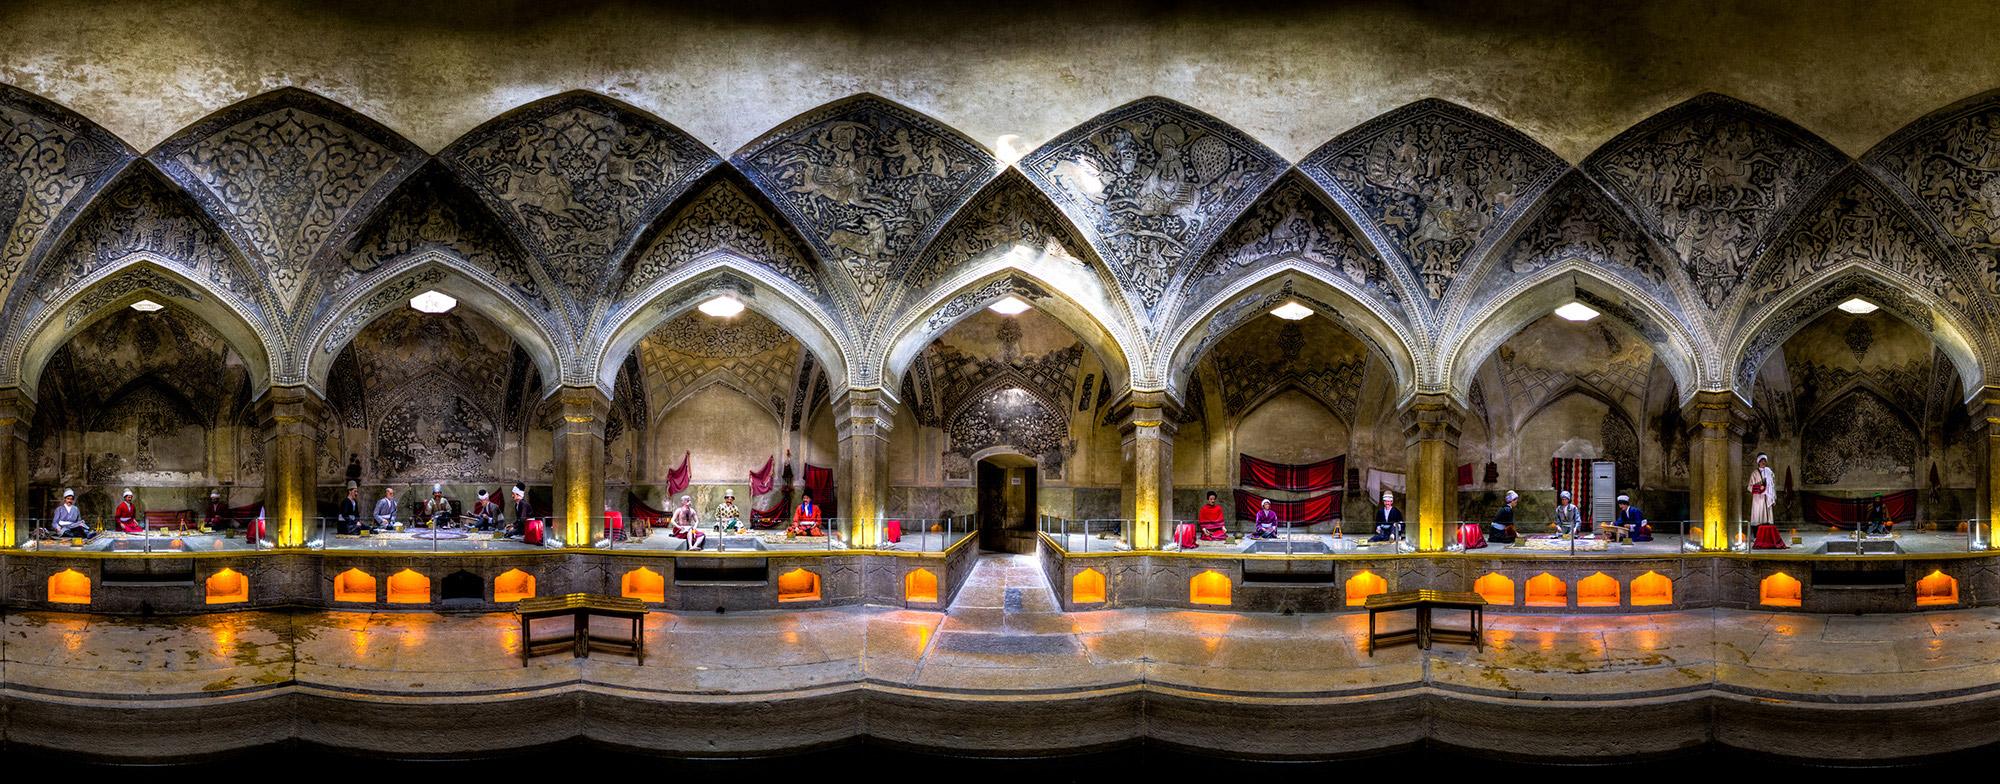 interior simetria arquitectura